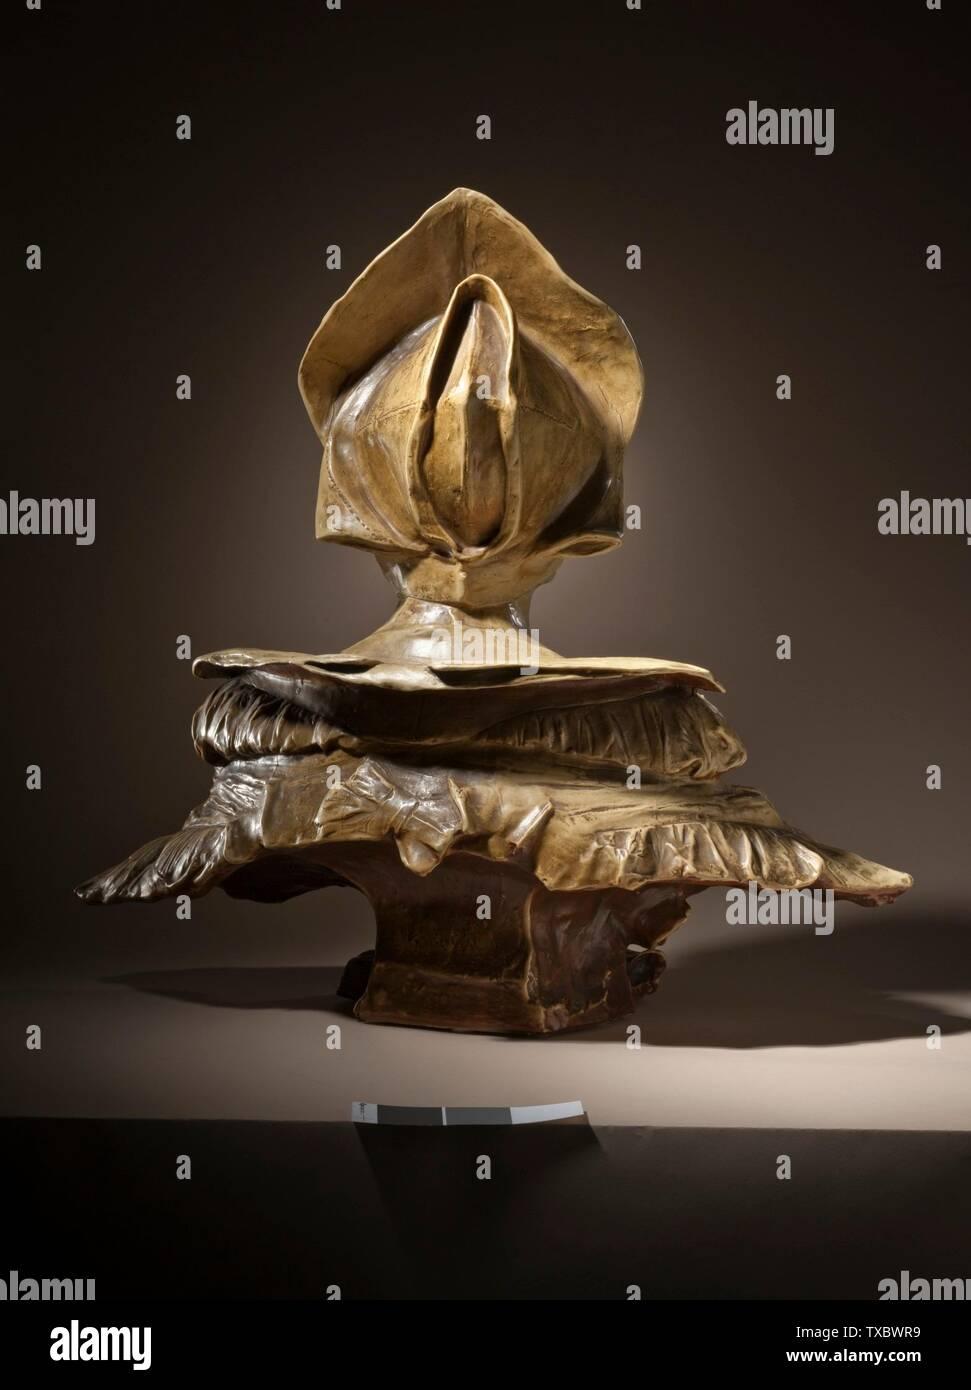 Portrait von Loyse Labbé (Bild 3 von 5); ca. 1883er Steinzeug mit Emailliertem Stein und matter Glasur, getönt von Chamois braun bis schattiert weiß 23 1/8 x 24 1/4 x 12 Zoll. (58,74 x 61,6 x 30,48 cm) Geschenk der Ahmanson Stiftung zu Ehren von Mary L. Levkoff (M.2009.7) Europäische Skulptur, Die Derzeit öffentlich zu sehen ist: Ahmanson Gebäude, 3. Stock; ca. 1887Datum QS:P571,+1887-00-00T00:00:00Z/9,P1480,Q5727902; Stockfoto